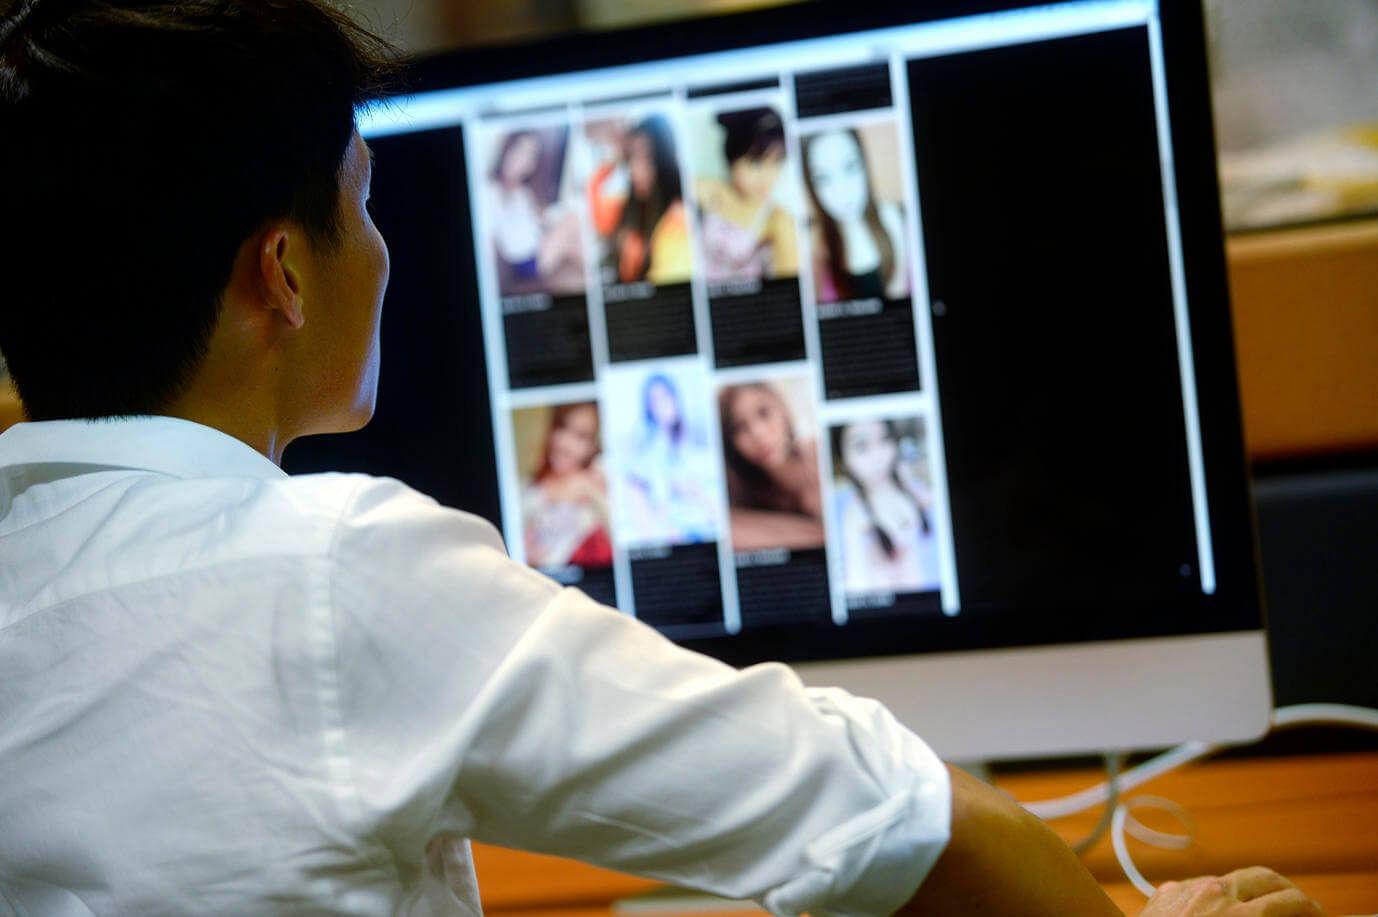 prostitute online sex sites